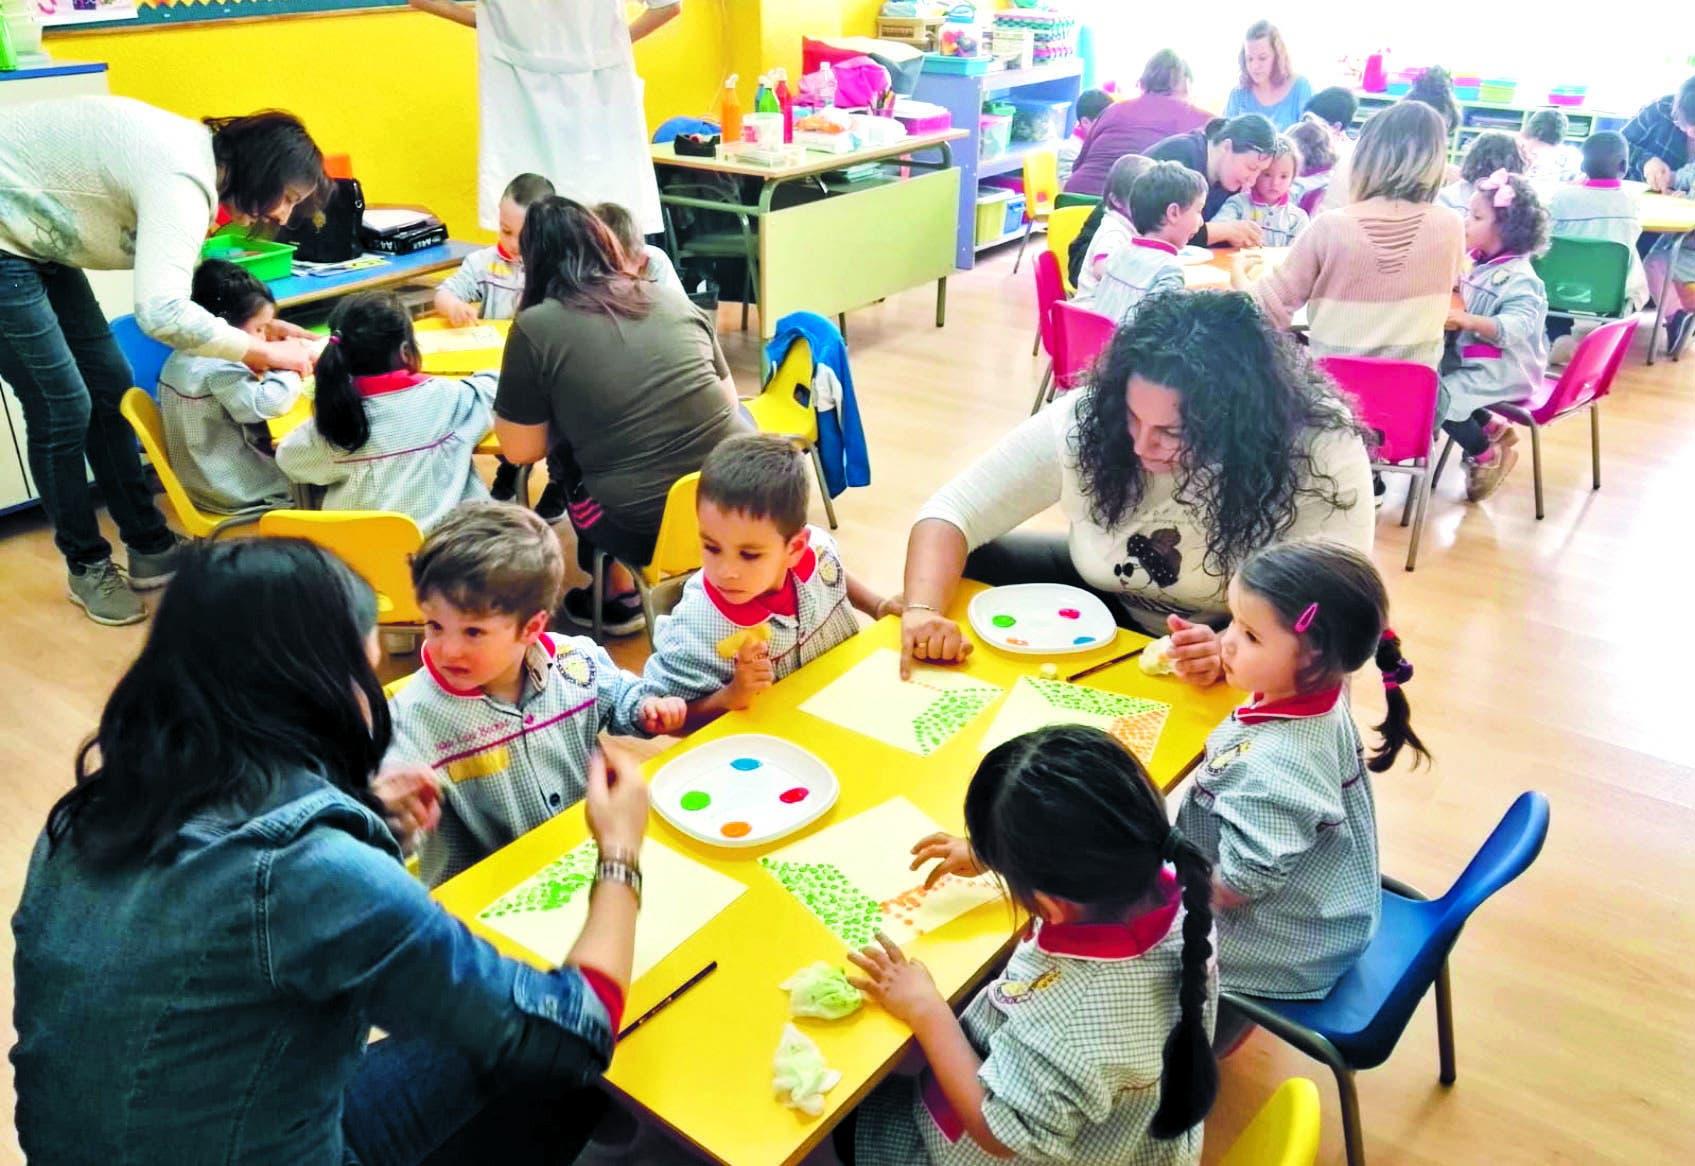 La crisis económica atenta contra la estabilidad de los pequeños colegios